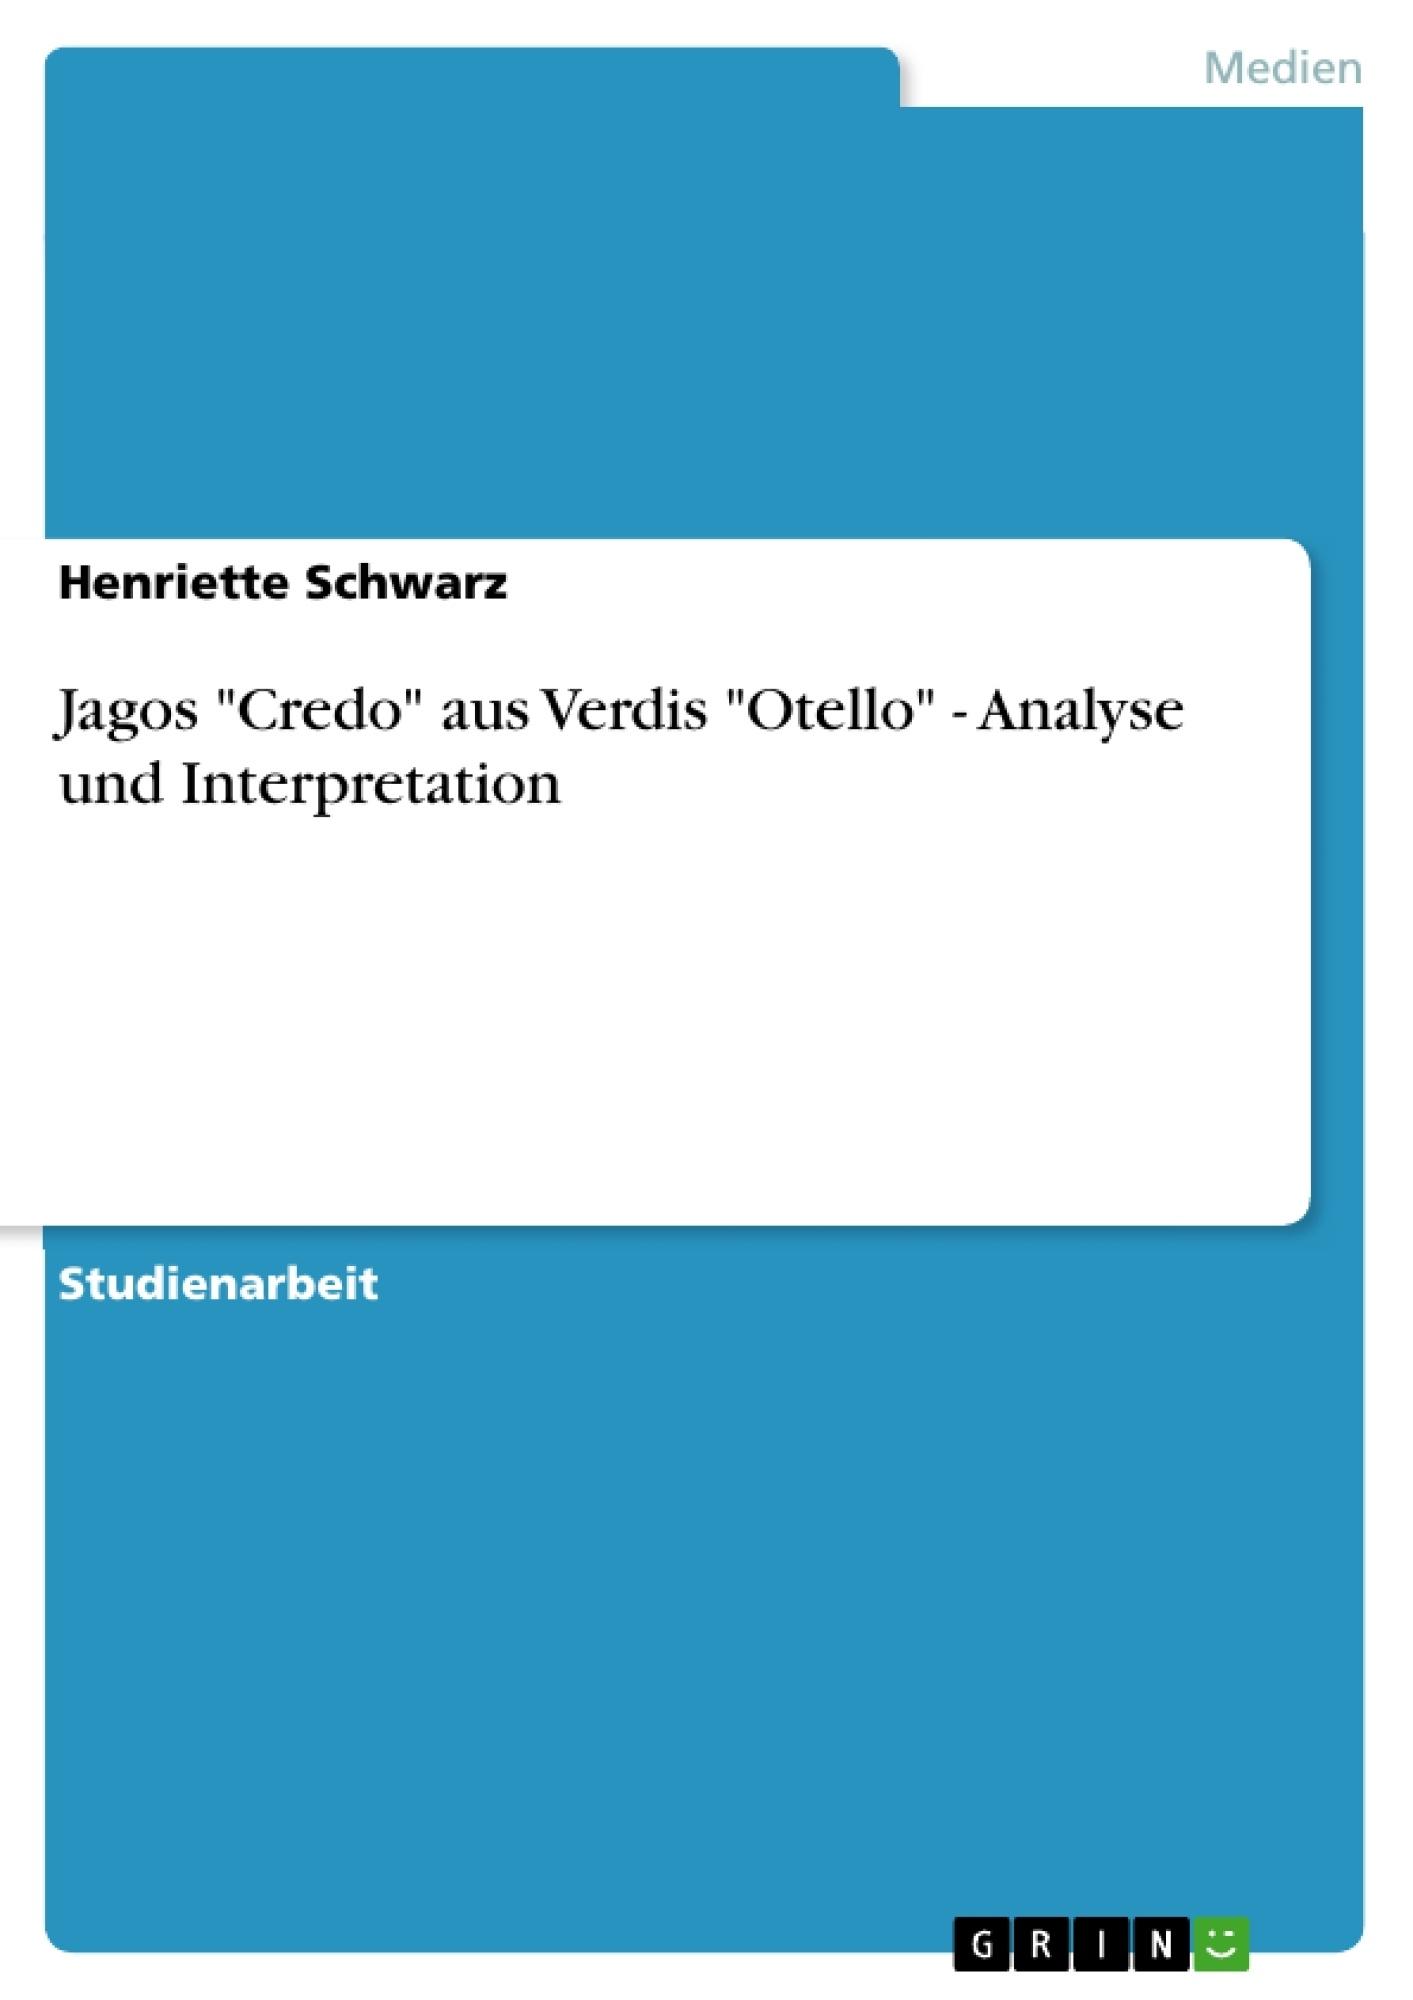 """Titel: Jagos """"Credo"""" aus Verdis """"Otello"""" - Analyse und Interpretation"""